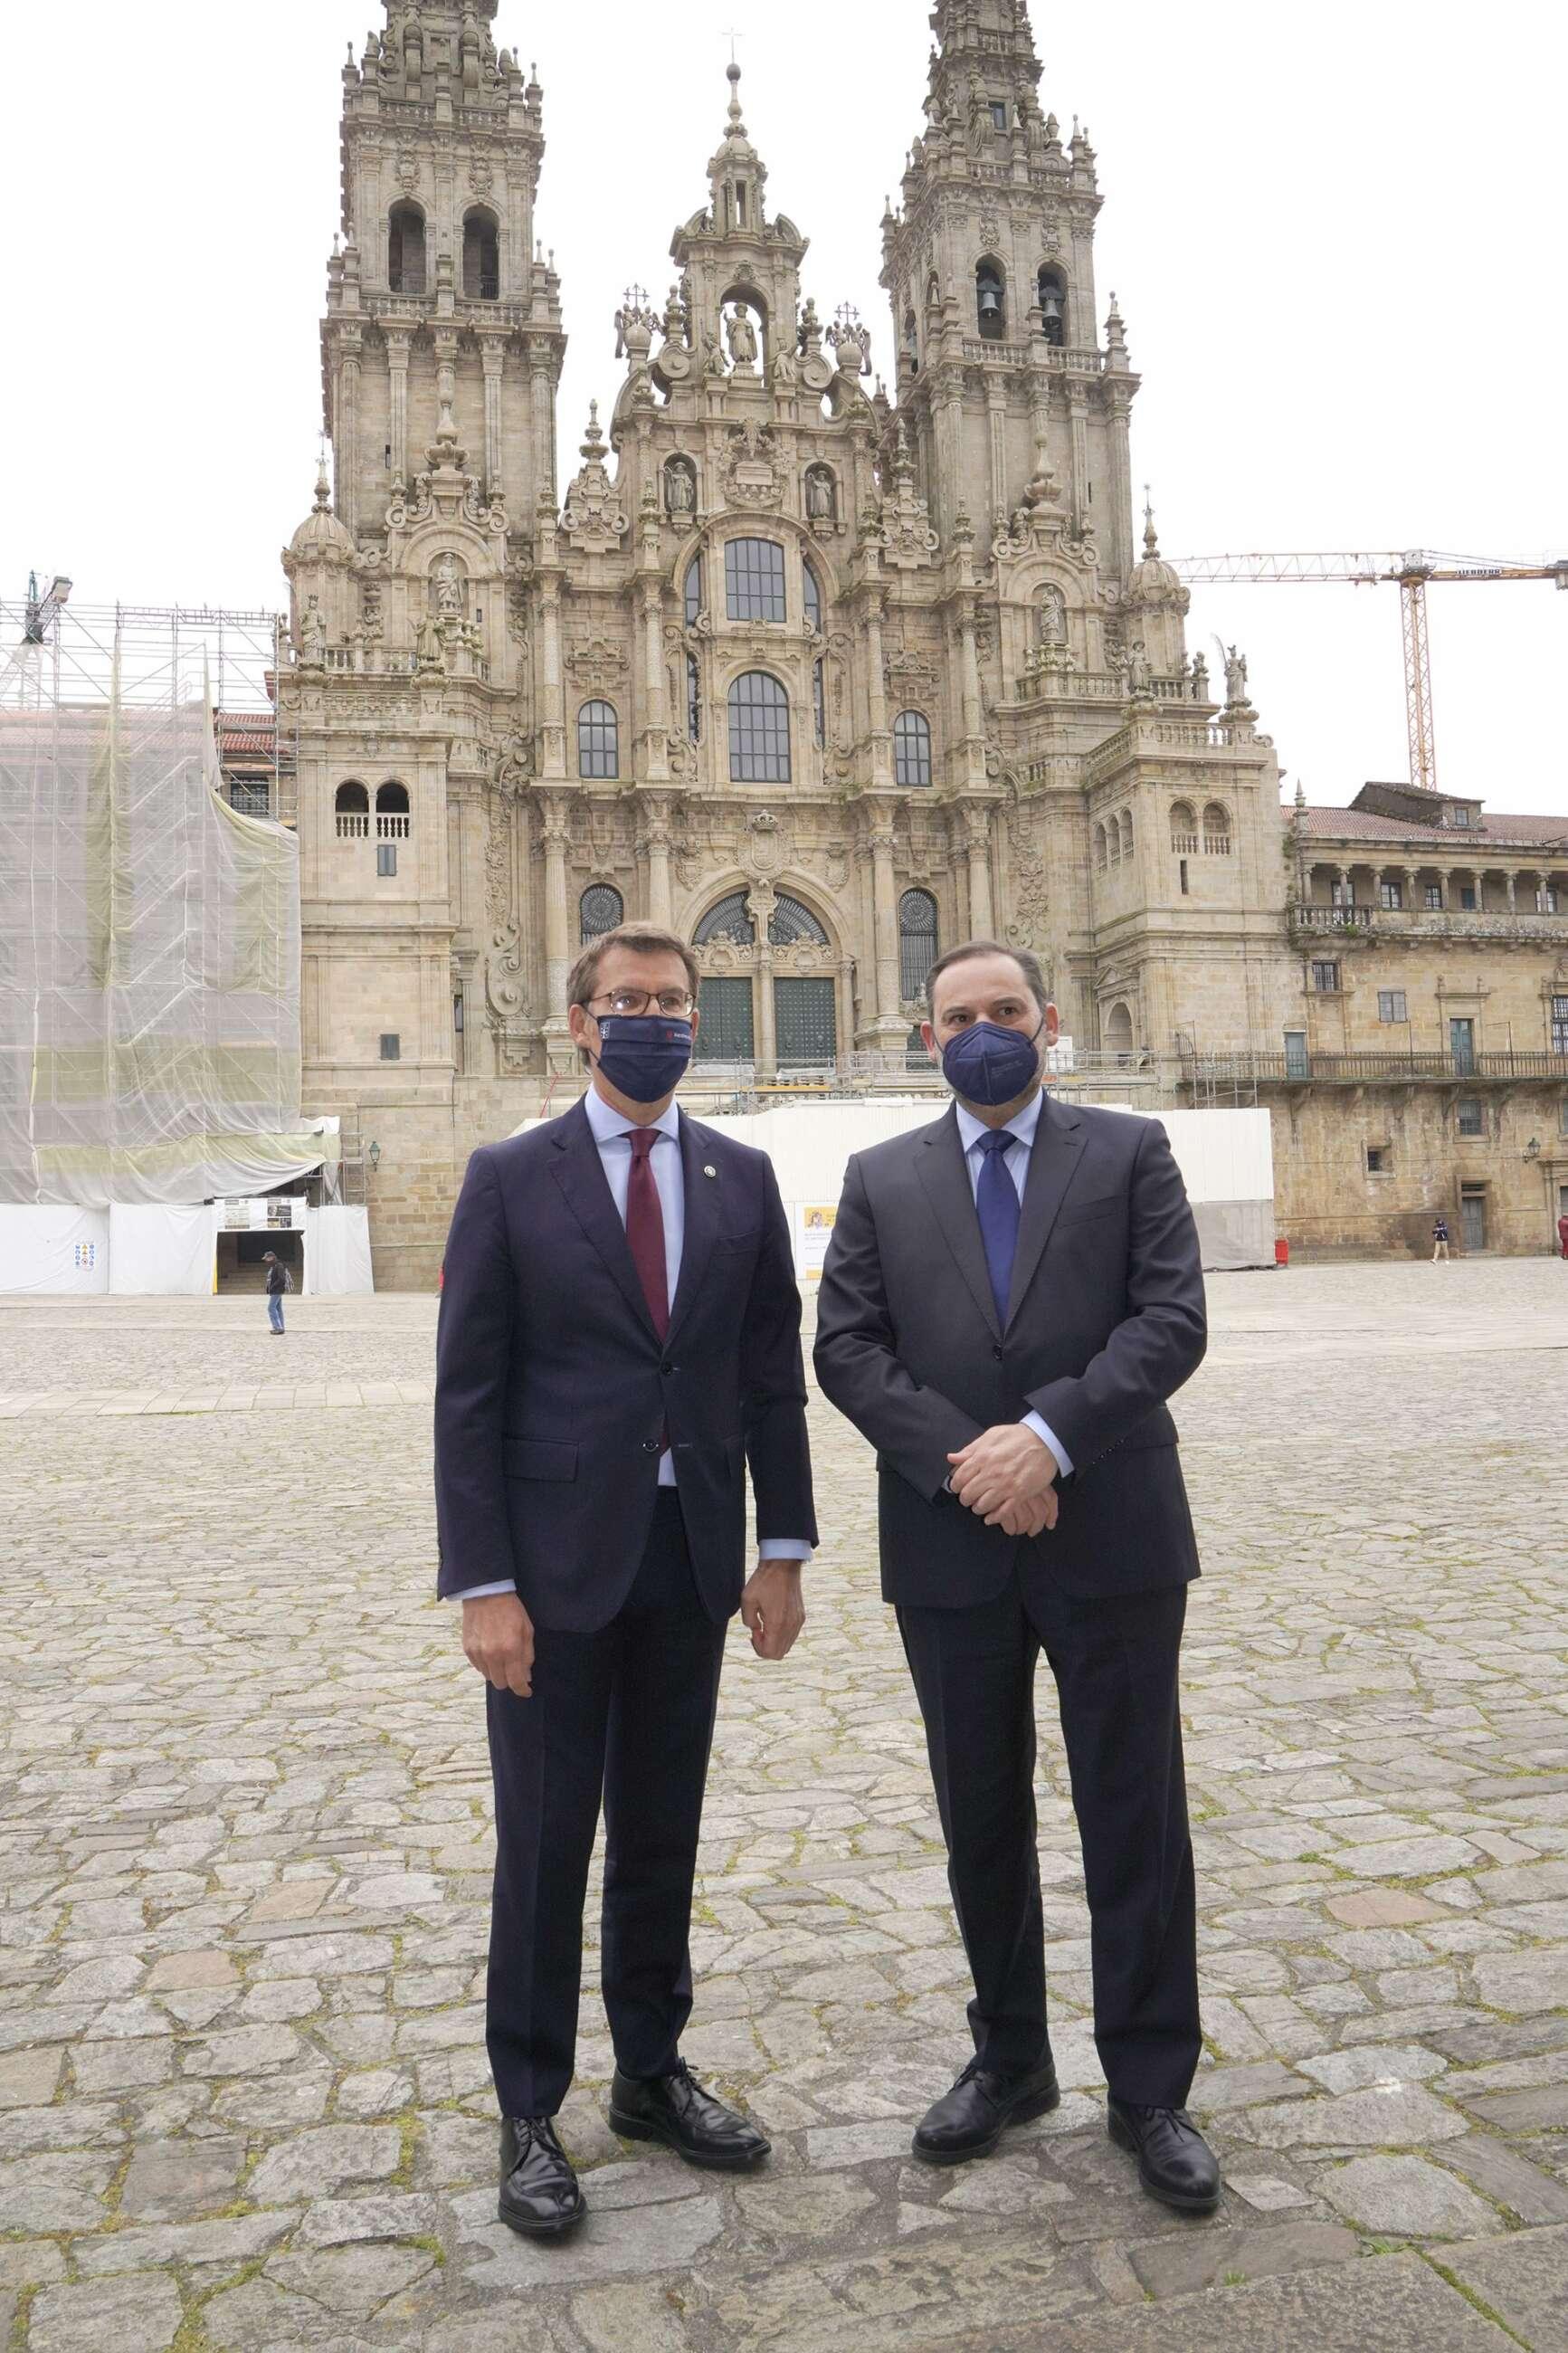 El presidente de la Xunta, Alberto Núñez Feijóo (i), y el ministro de Transportes, José Luis Ábalos, posan en una fotografía ante la Catedral de Santiago de Compostela antes de comenzar una reunión entre ambos mandatarios, a 9 de abril de 2021. - Álvaro Ballesteros - Europa Press